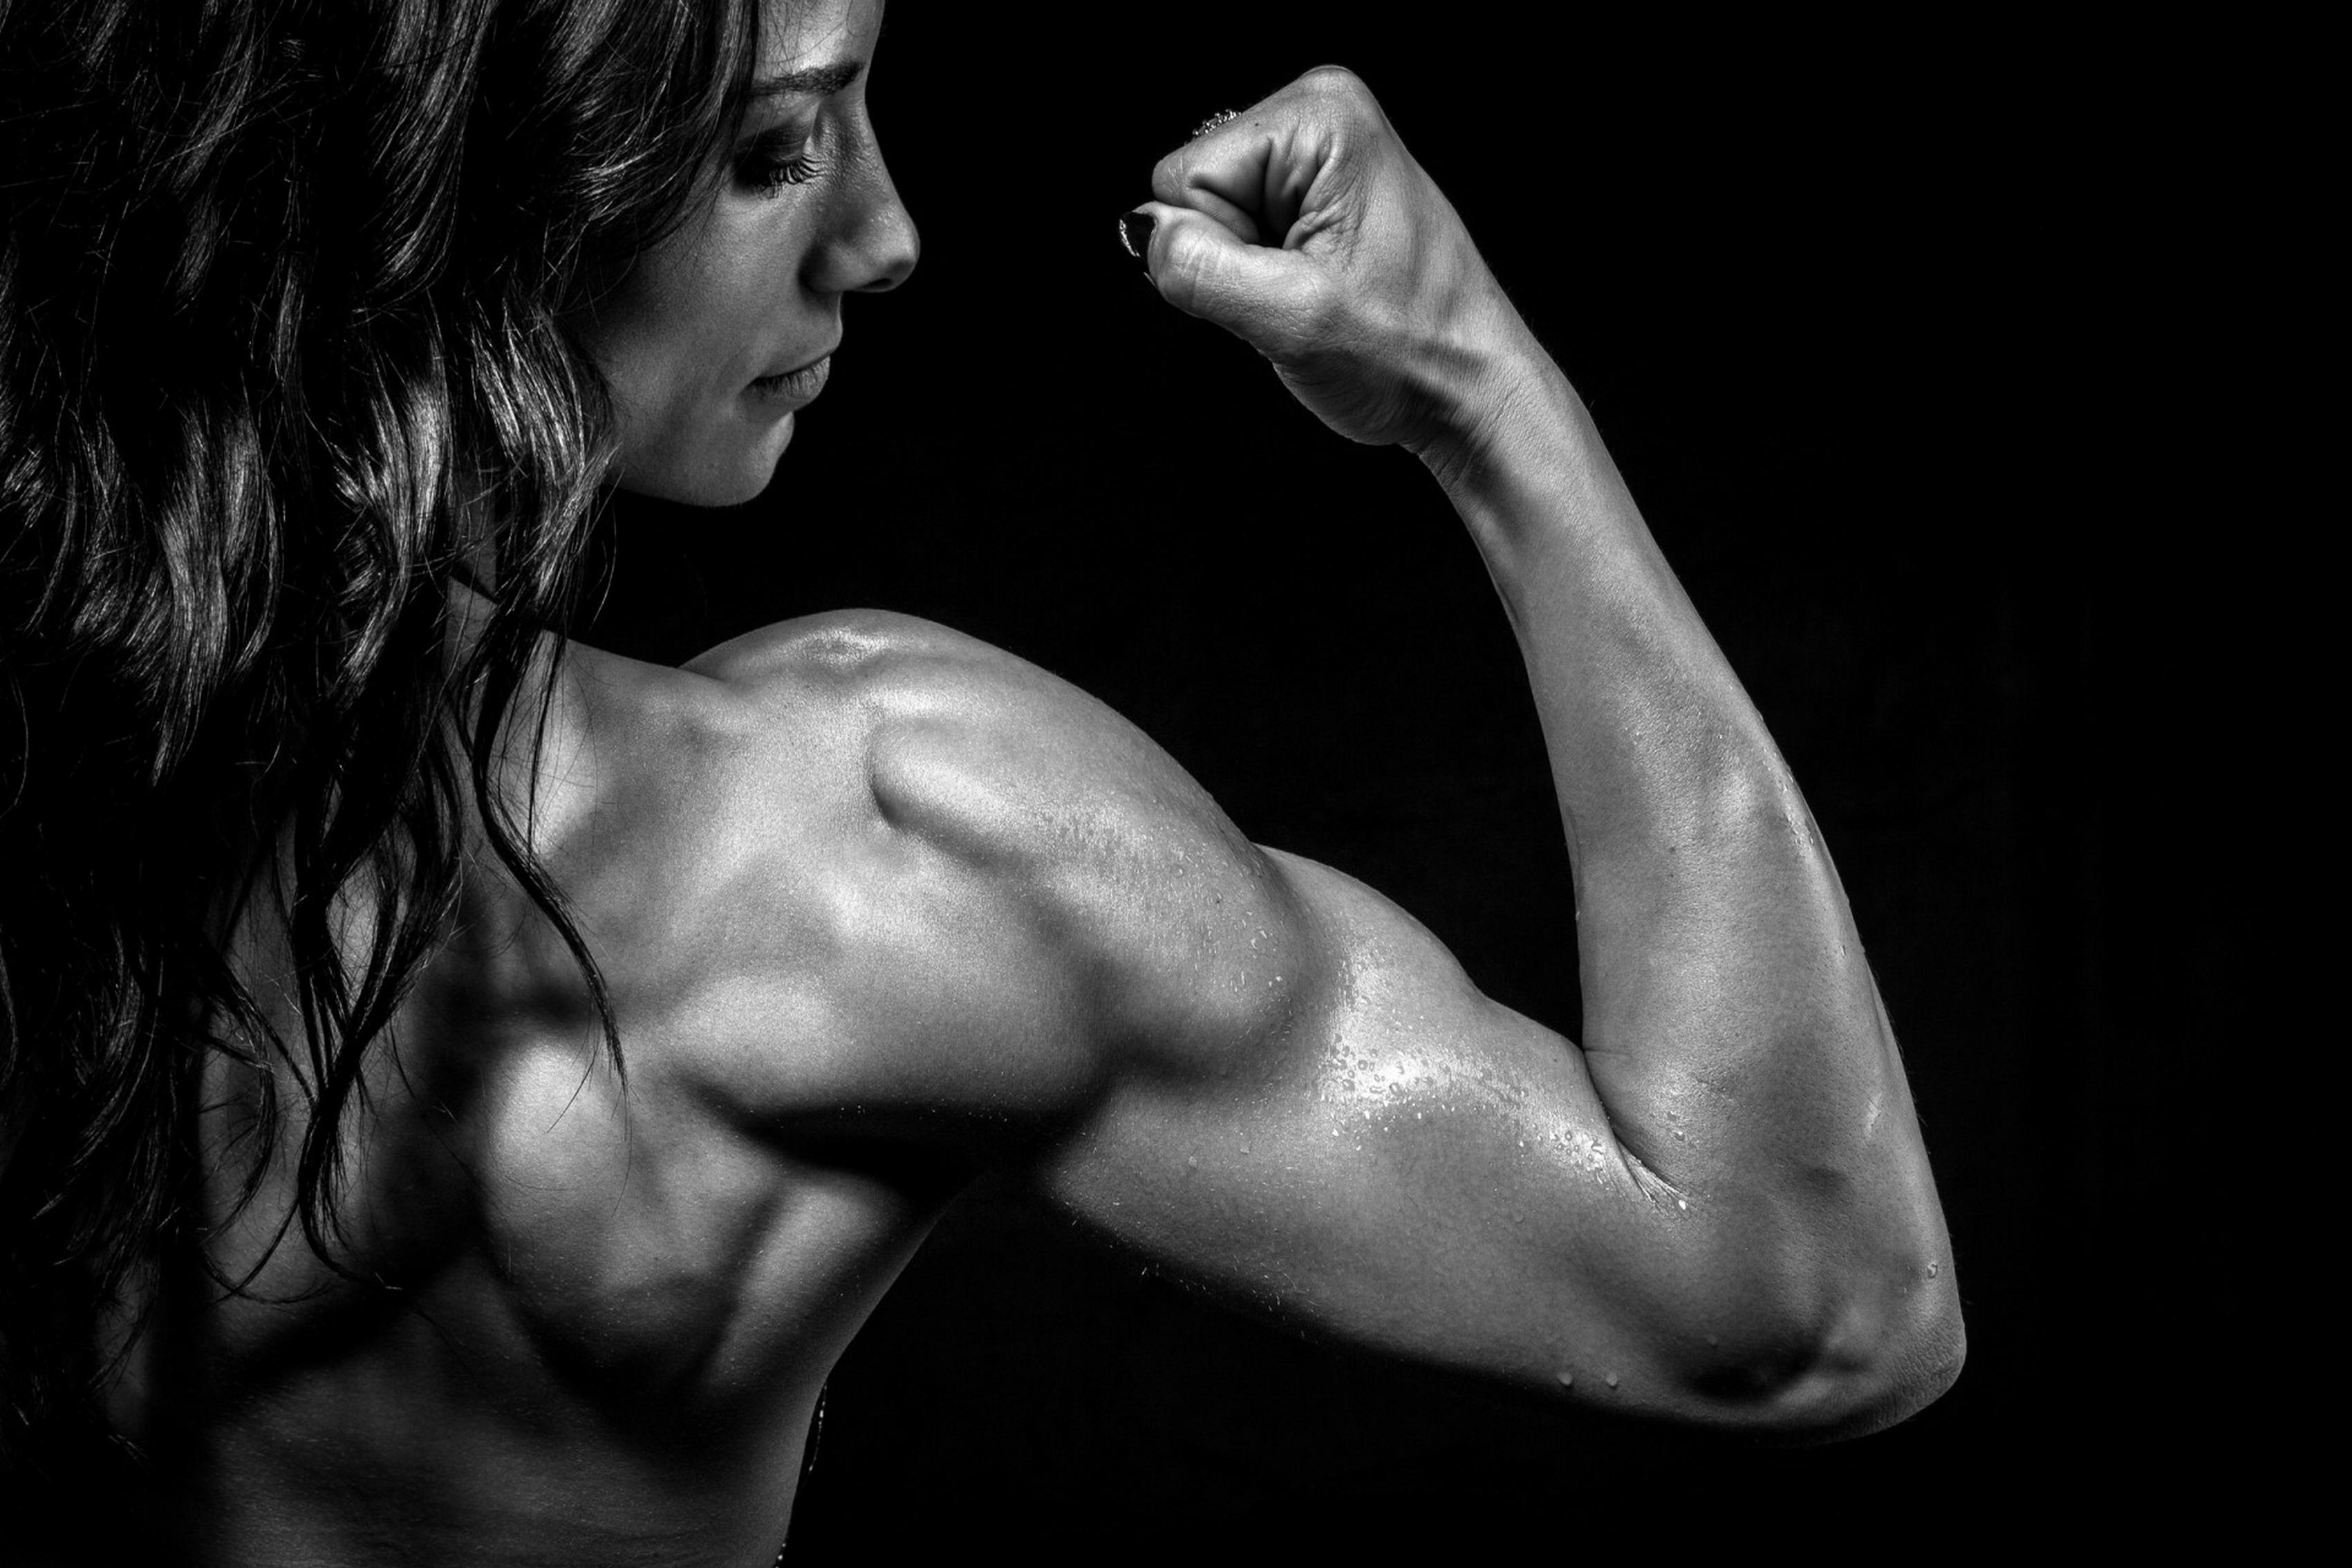 Трахает мускулистую бабу смотреть, Мускулистые женщины трахаются 1 xxx TV 15 фотография